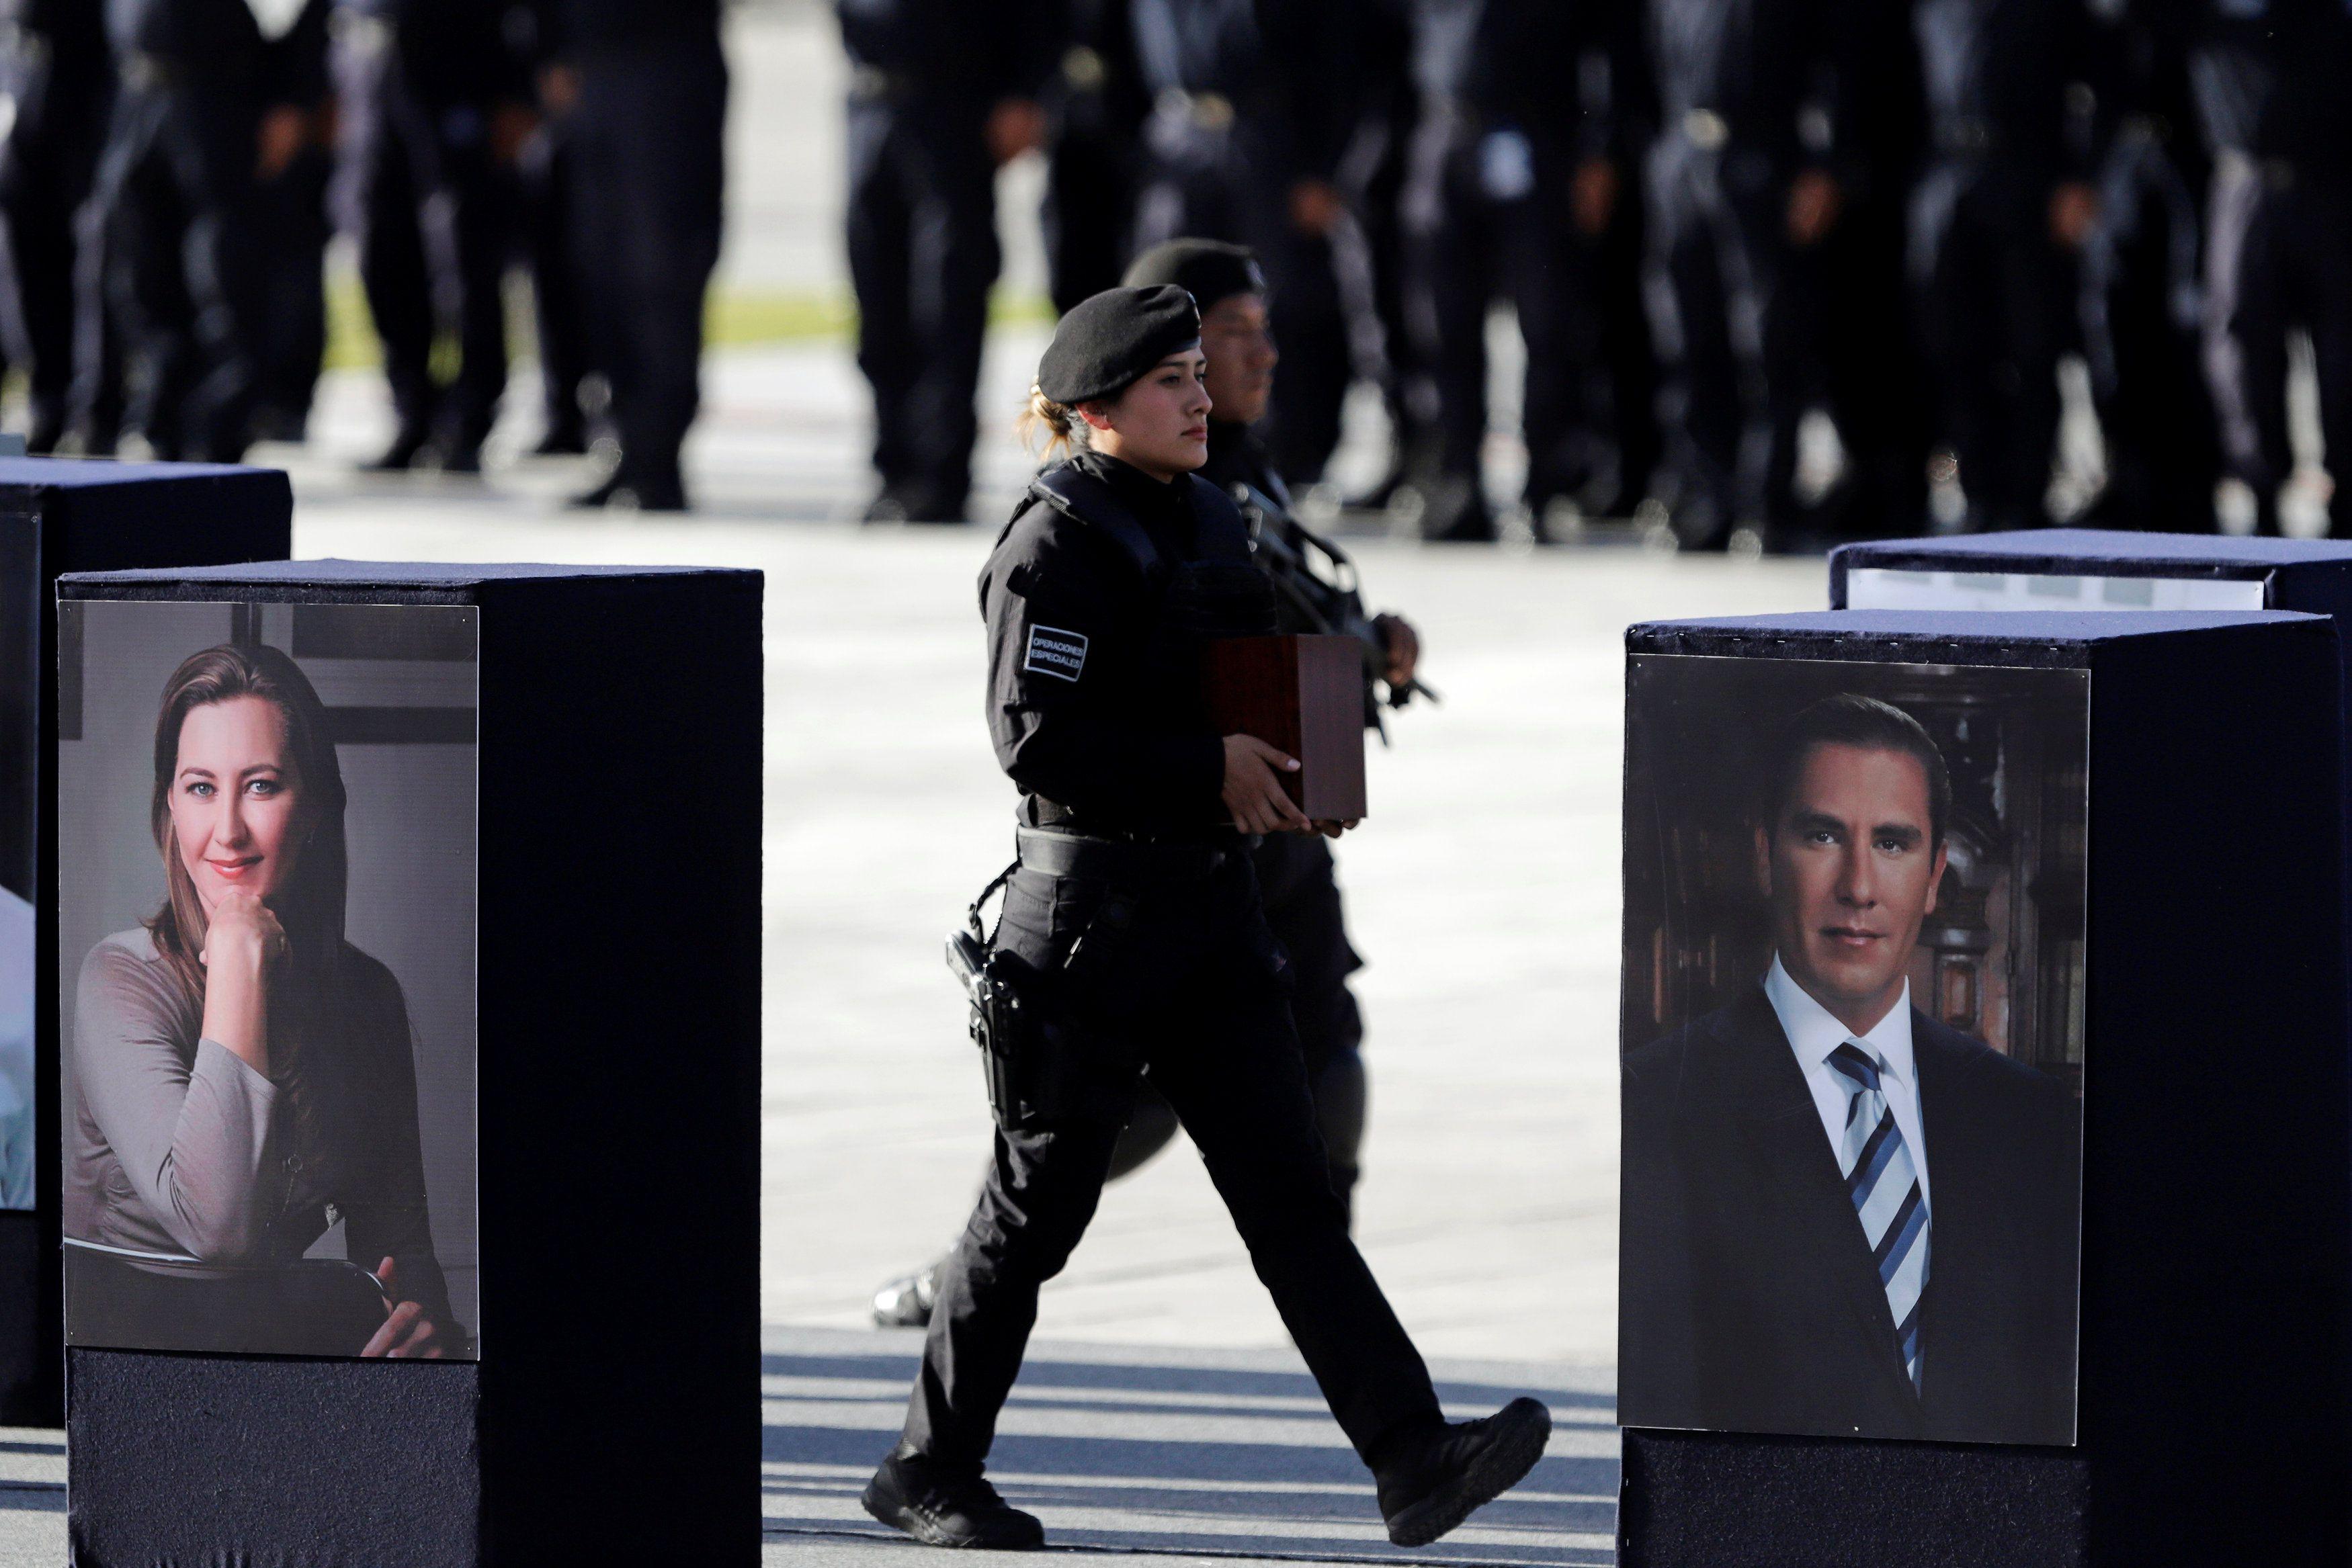 El 24 de diciembre perecieron Martha Érika Alonso, gobernadora de Puebla, y su esposo el senador Rafael Moreno Valle, al desplomarse un helicóptero (Foto: REUTERS)